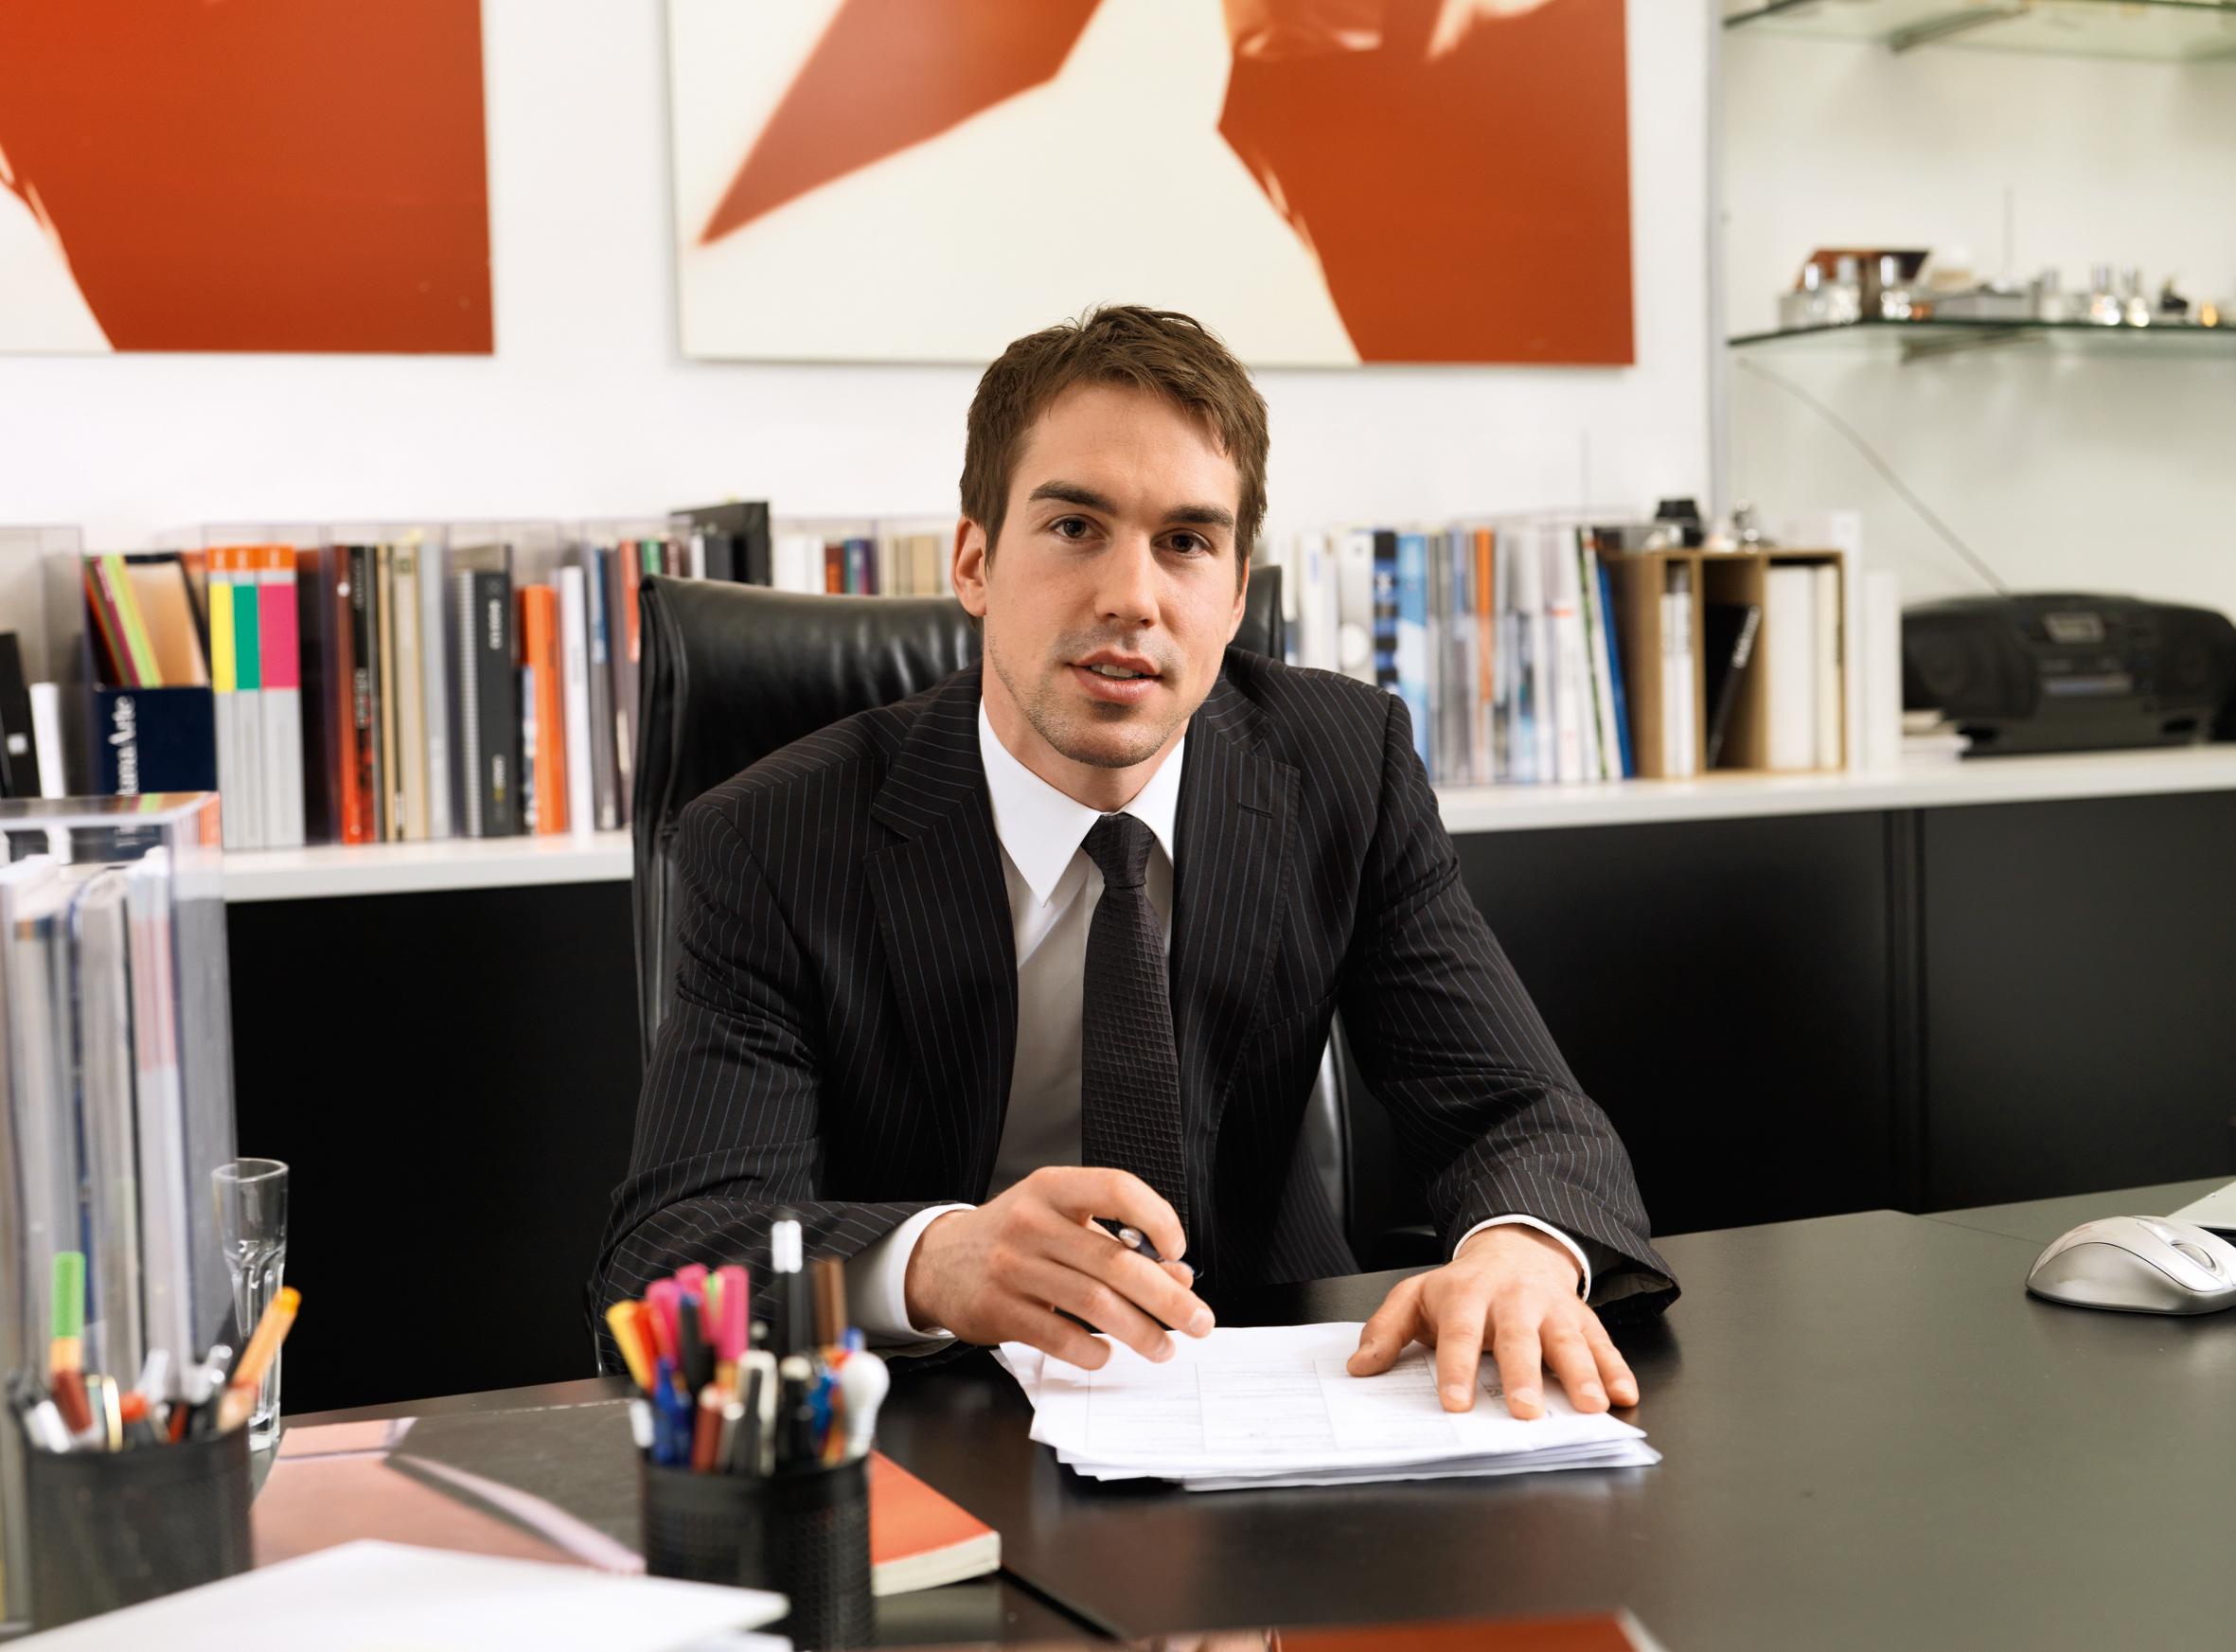 Mann in Anzug sitzt am Schreibtisch